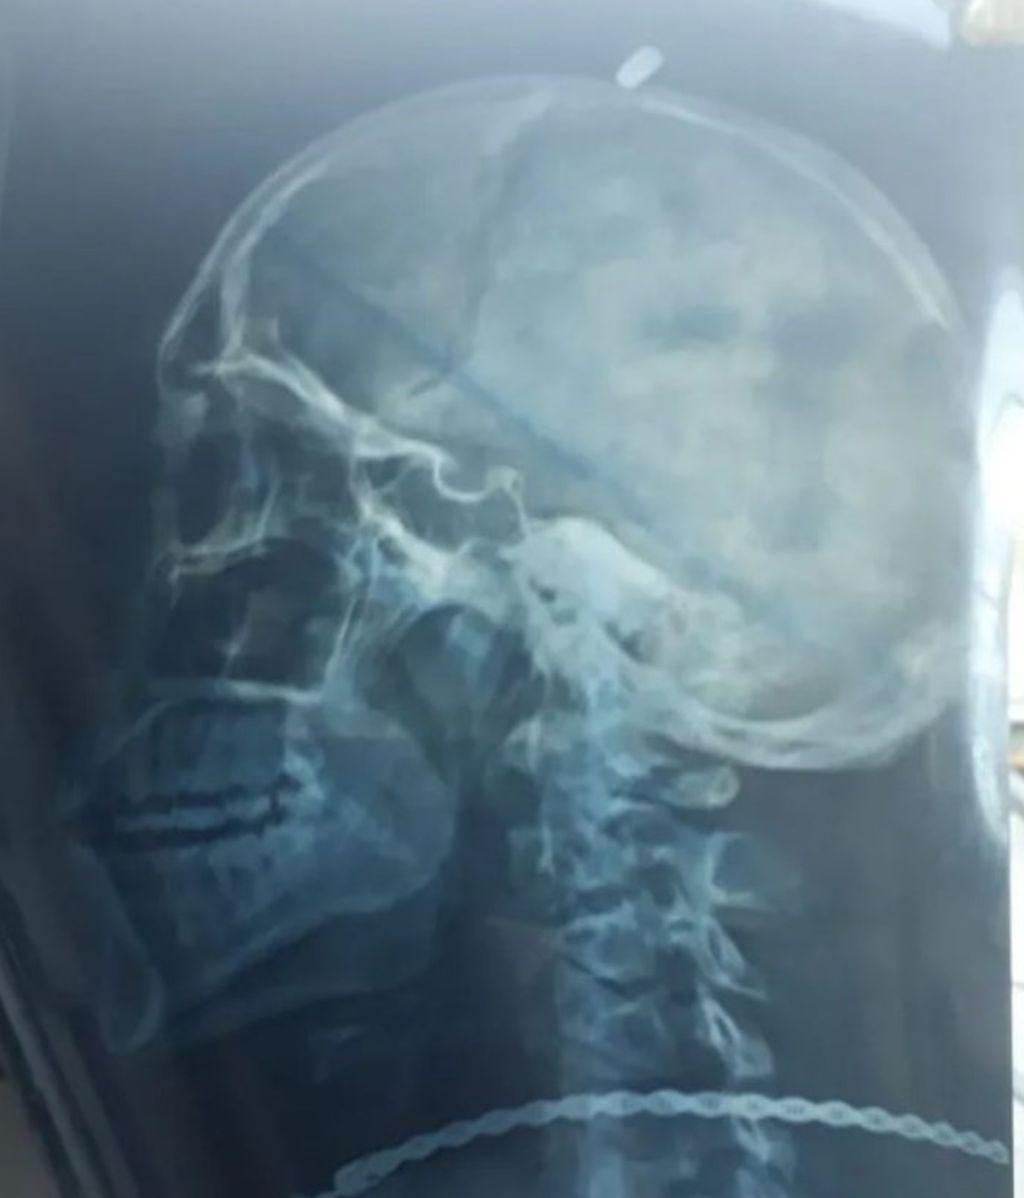 Acude al médico por unos fuertes dolores de cabeza y le encuentran una bala